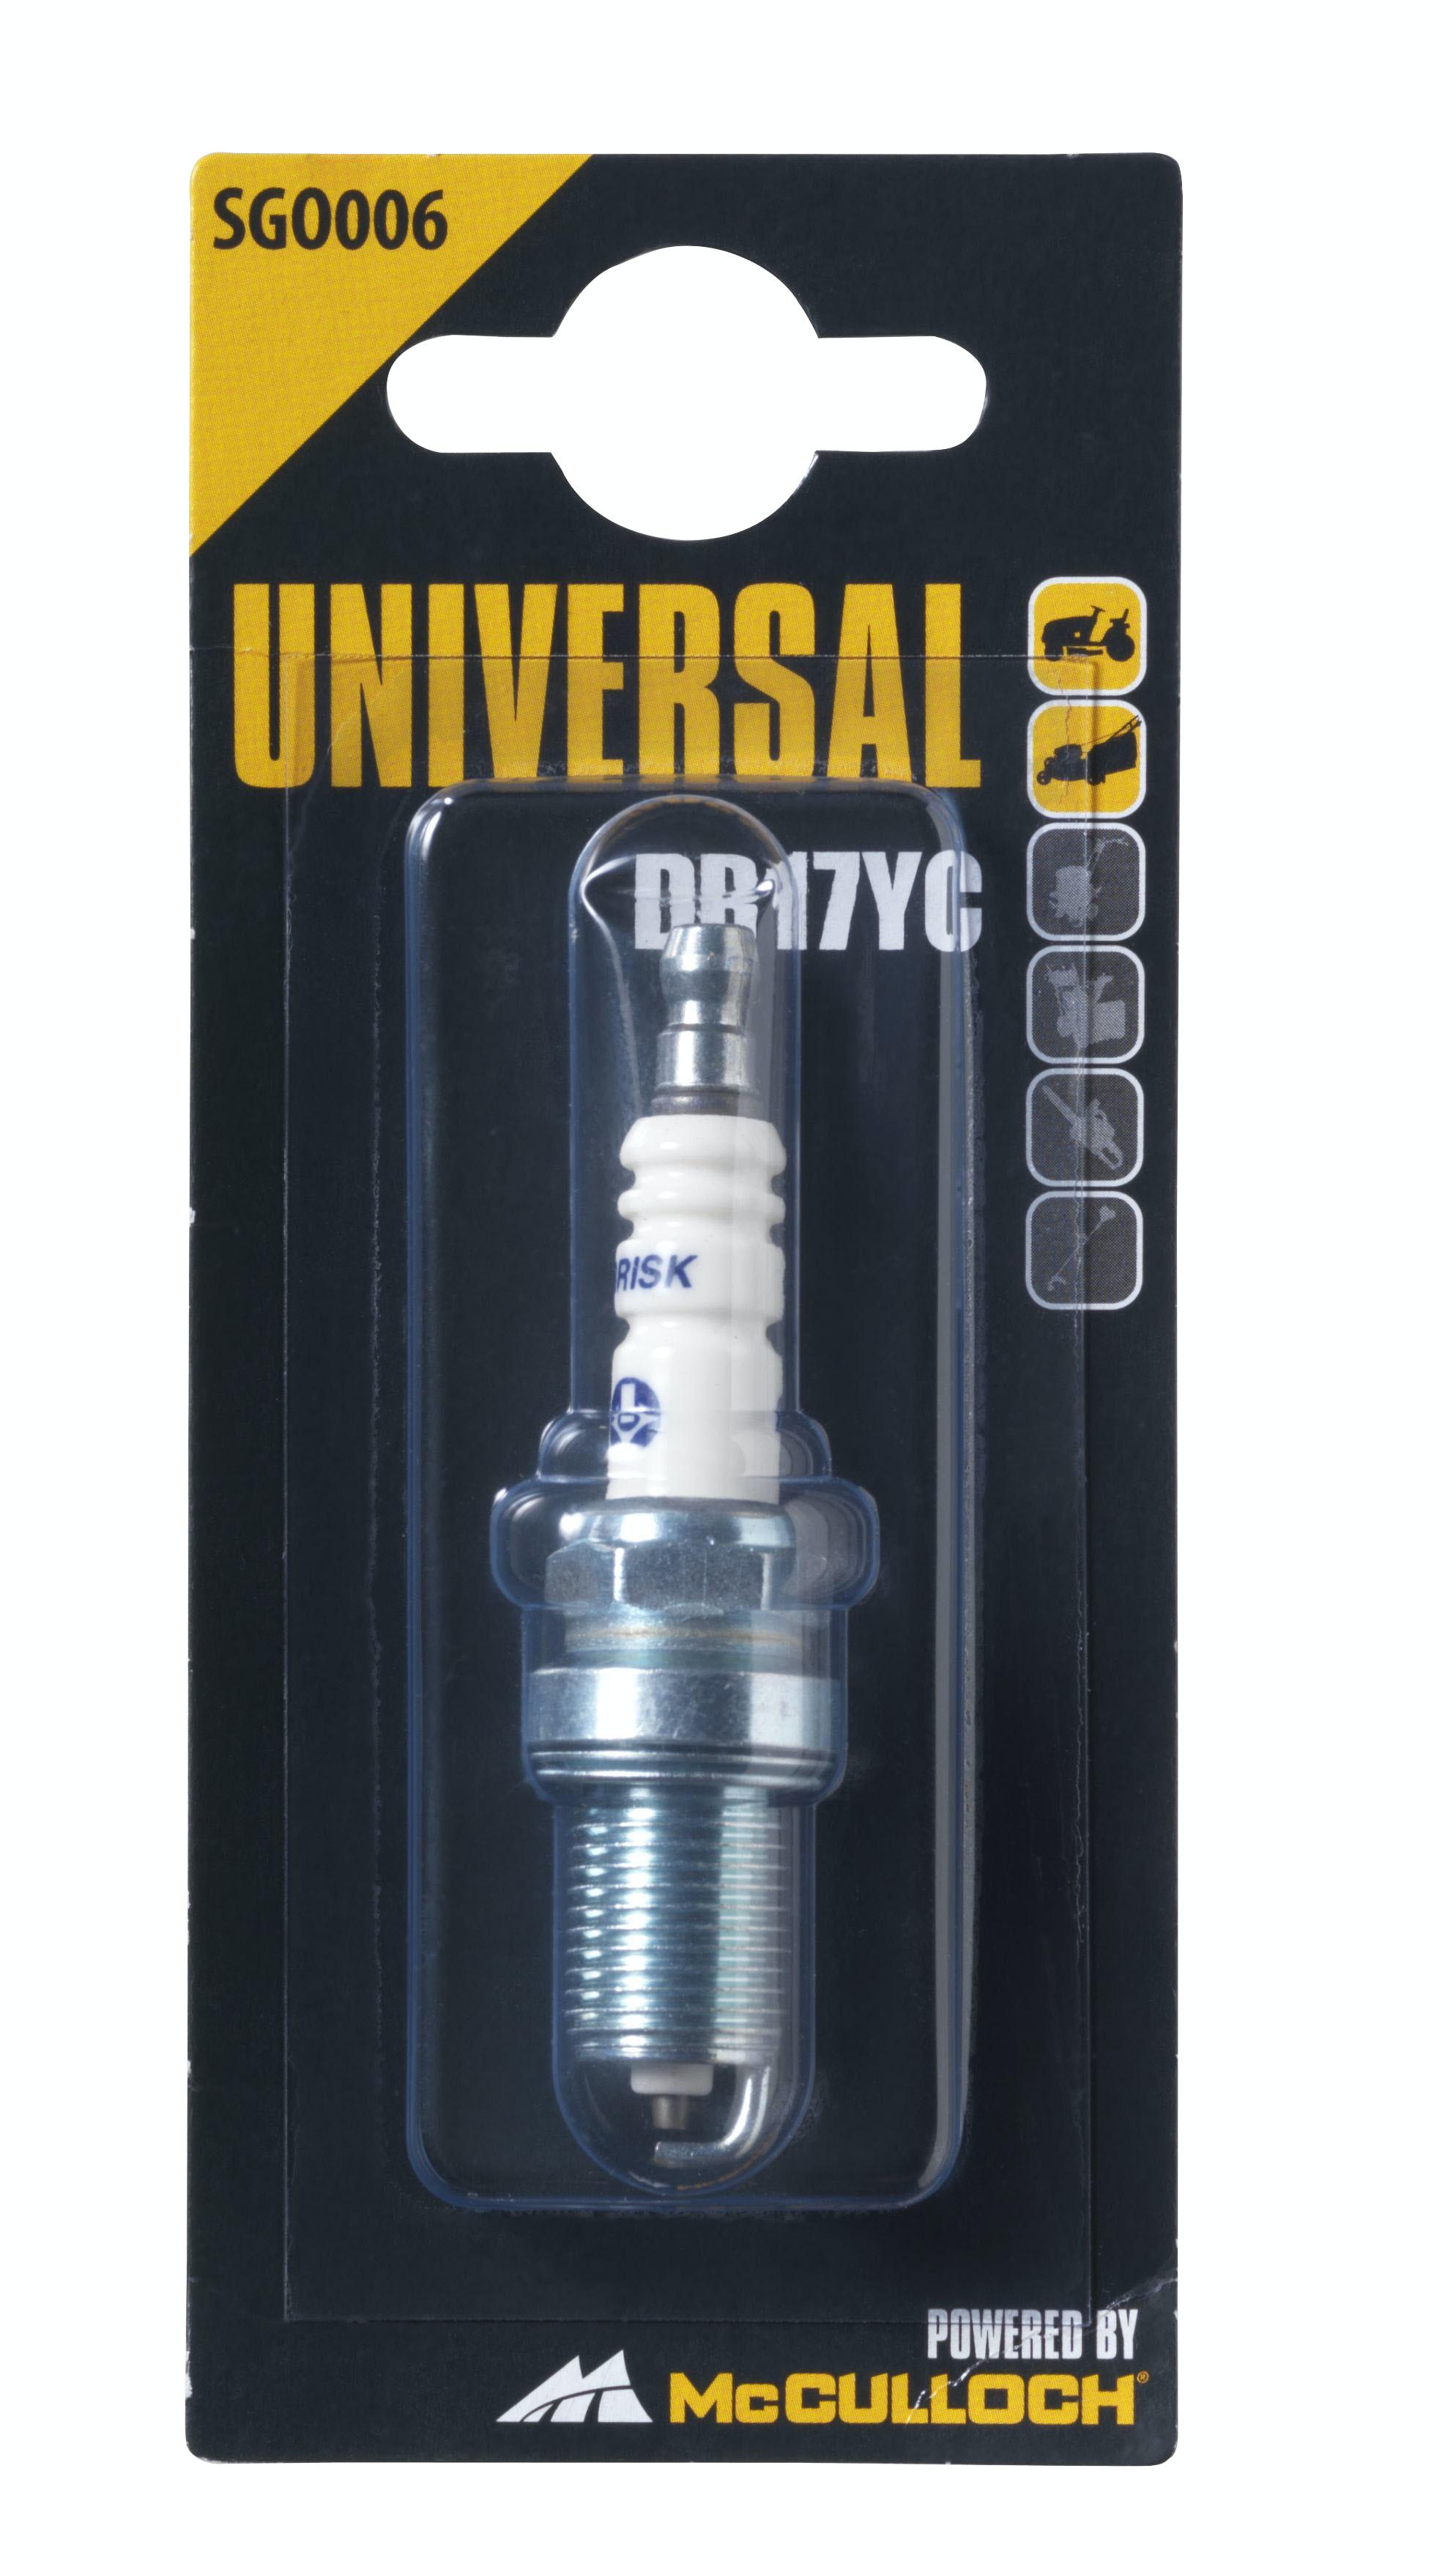 Tändstift Universal Till Traktor RC12YC